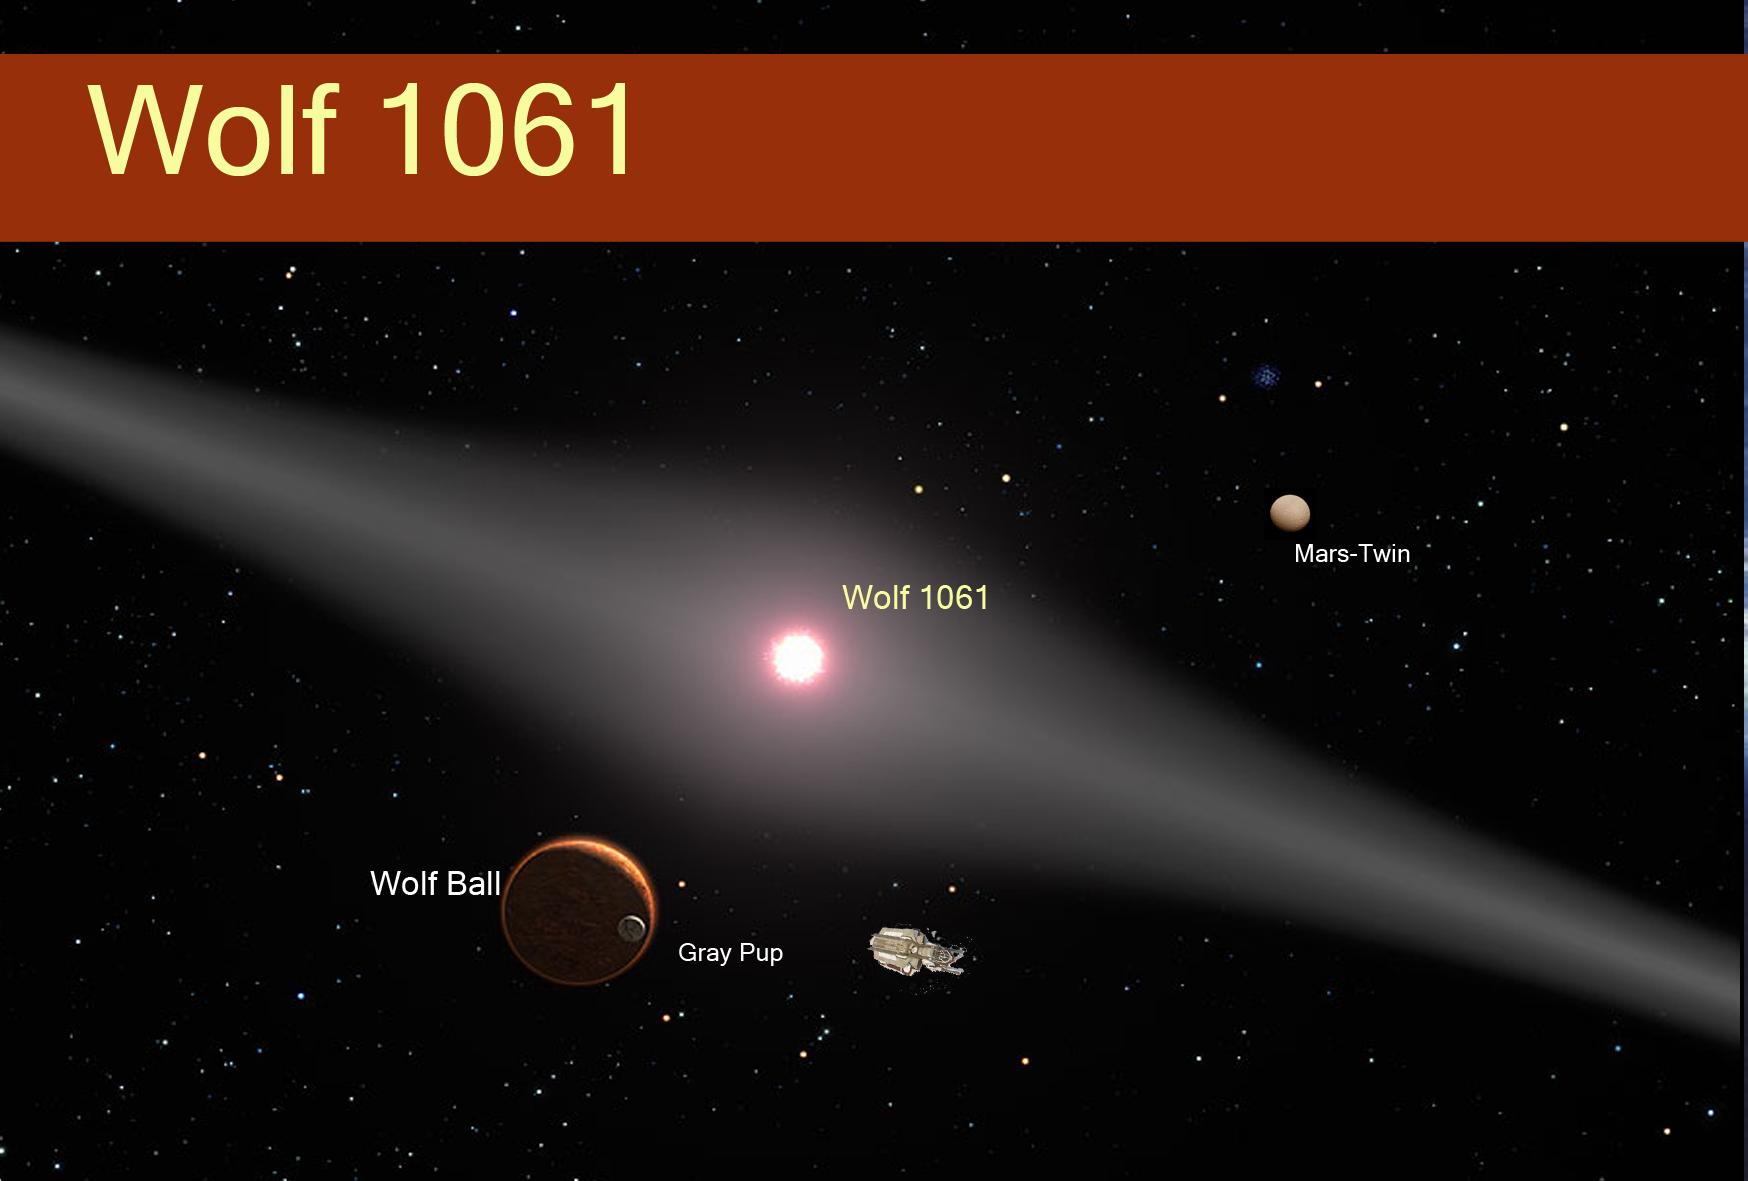 Resultado de imagem para Wolf 1061 fotos